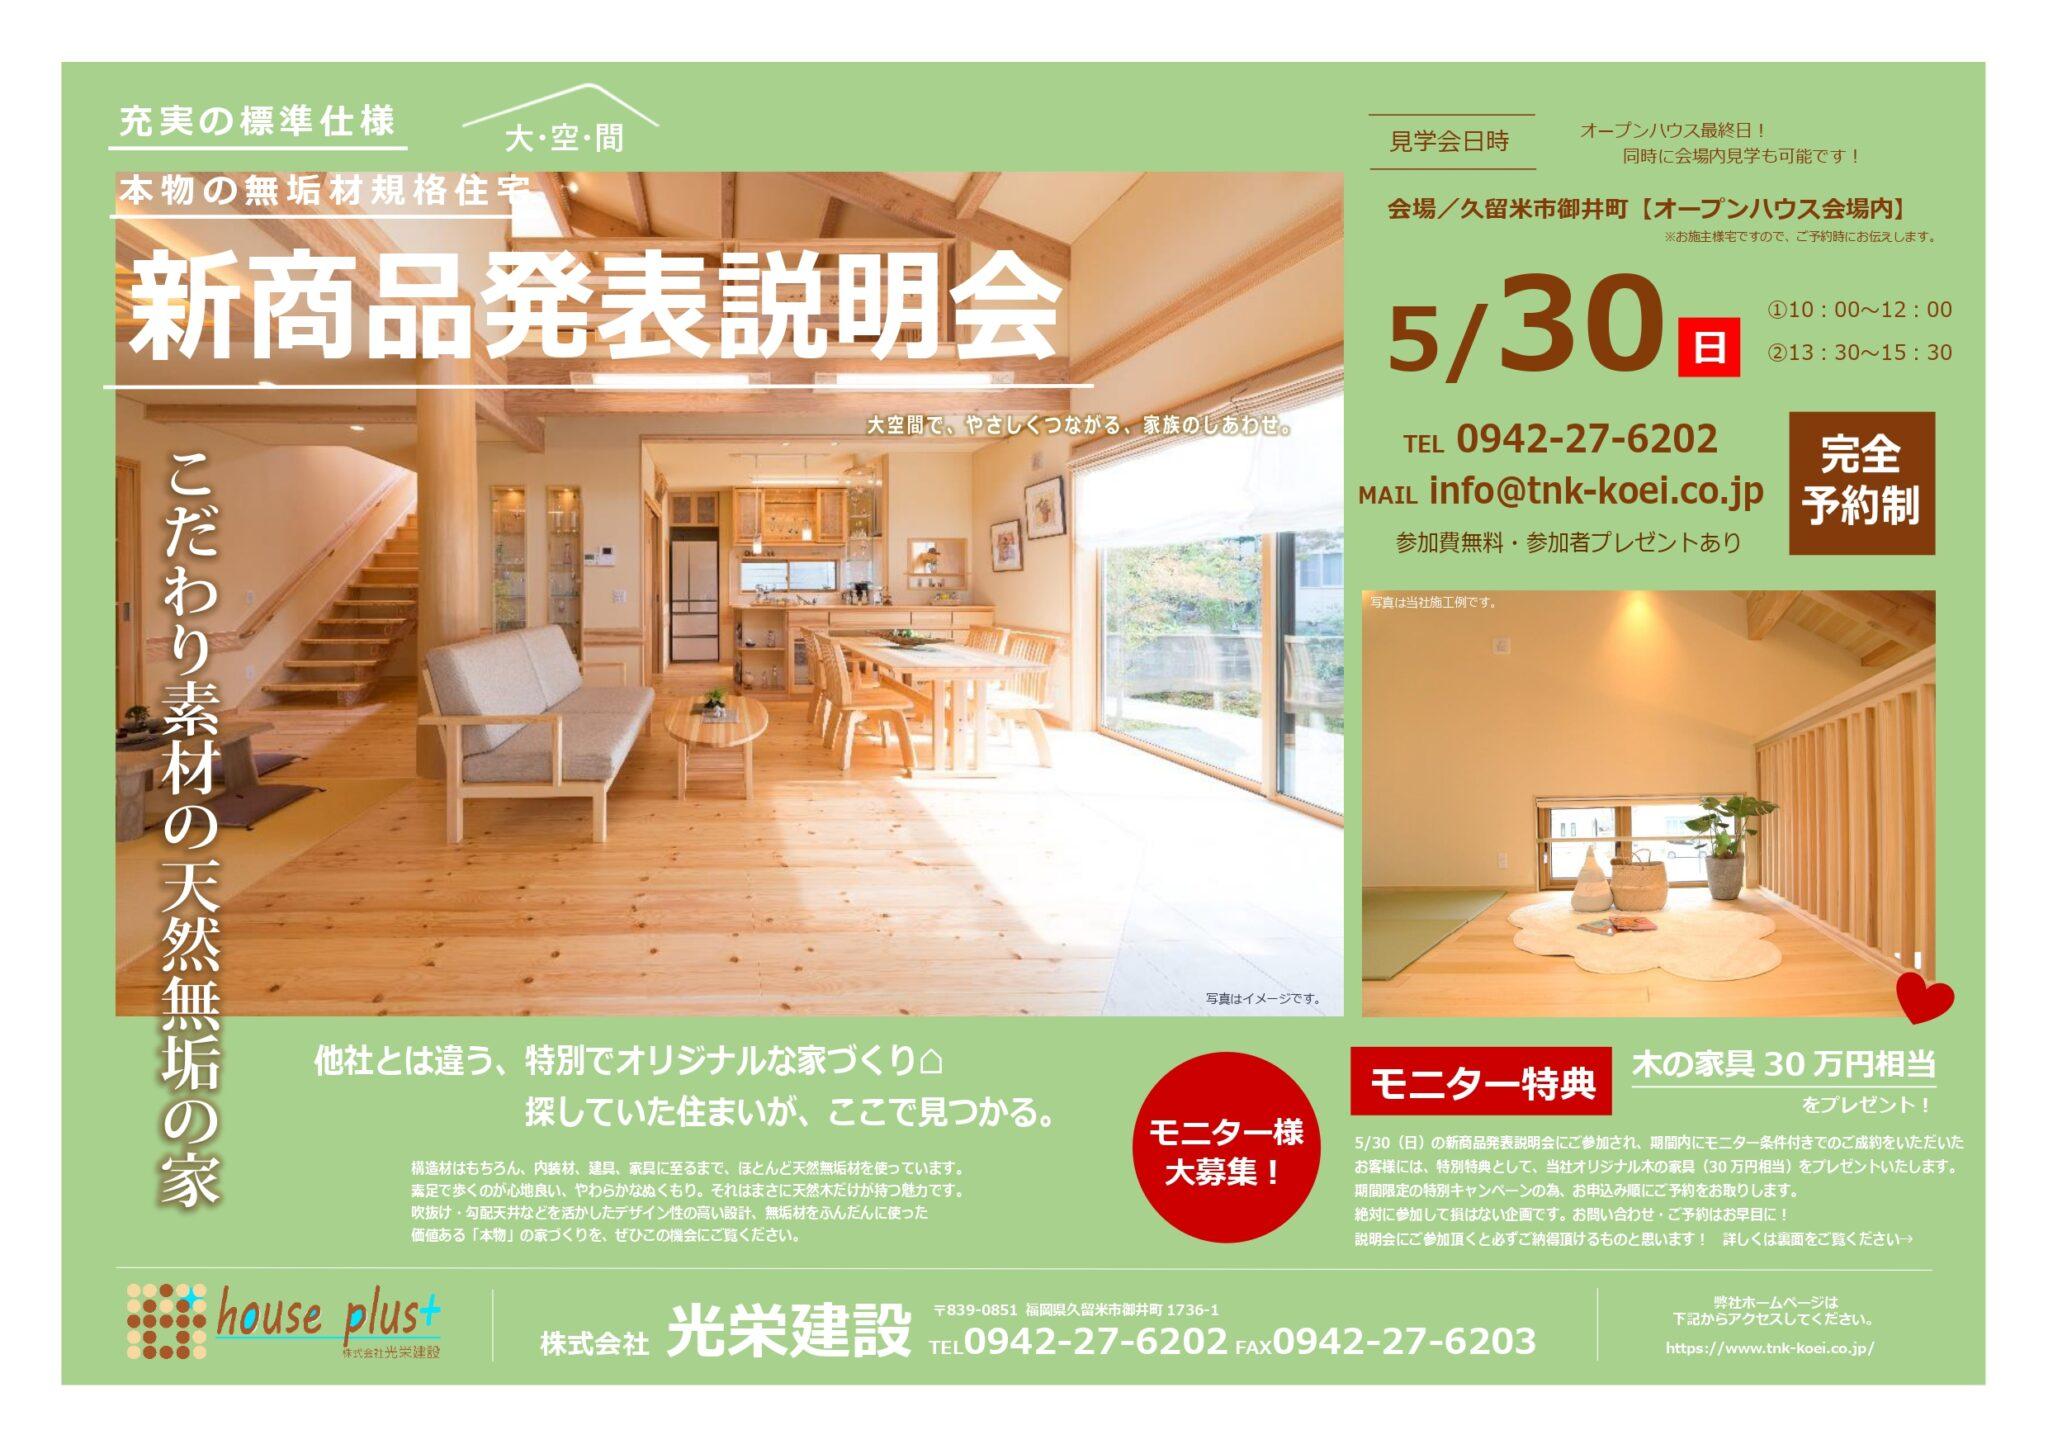 新商品発表会in久留米市御井町